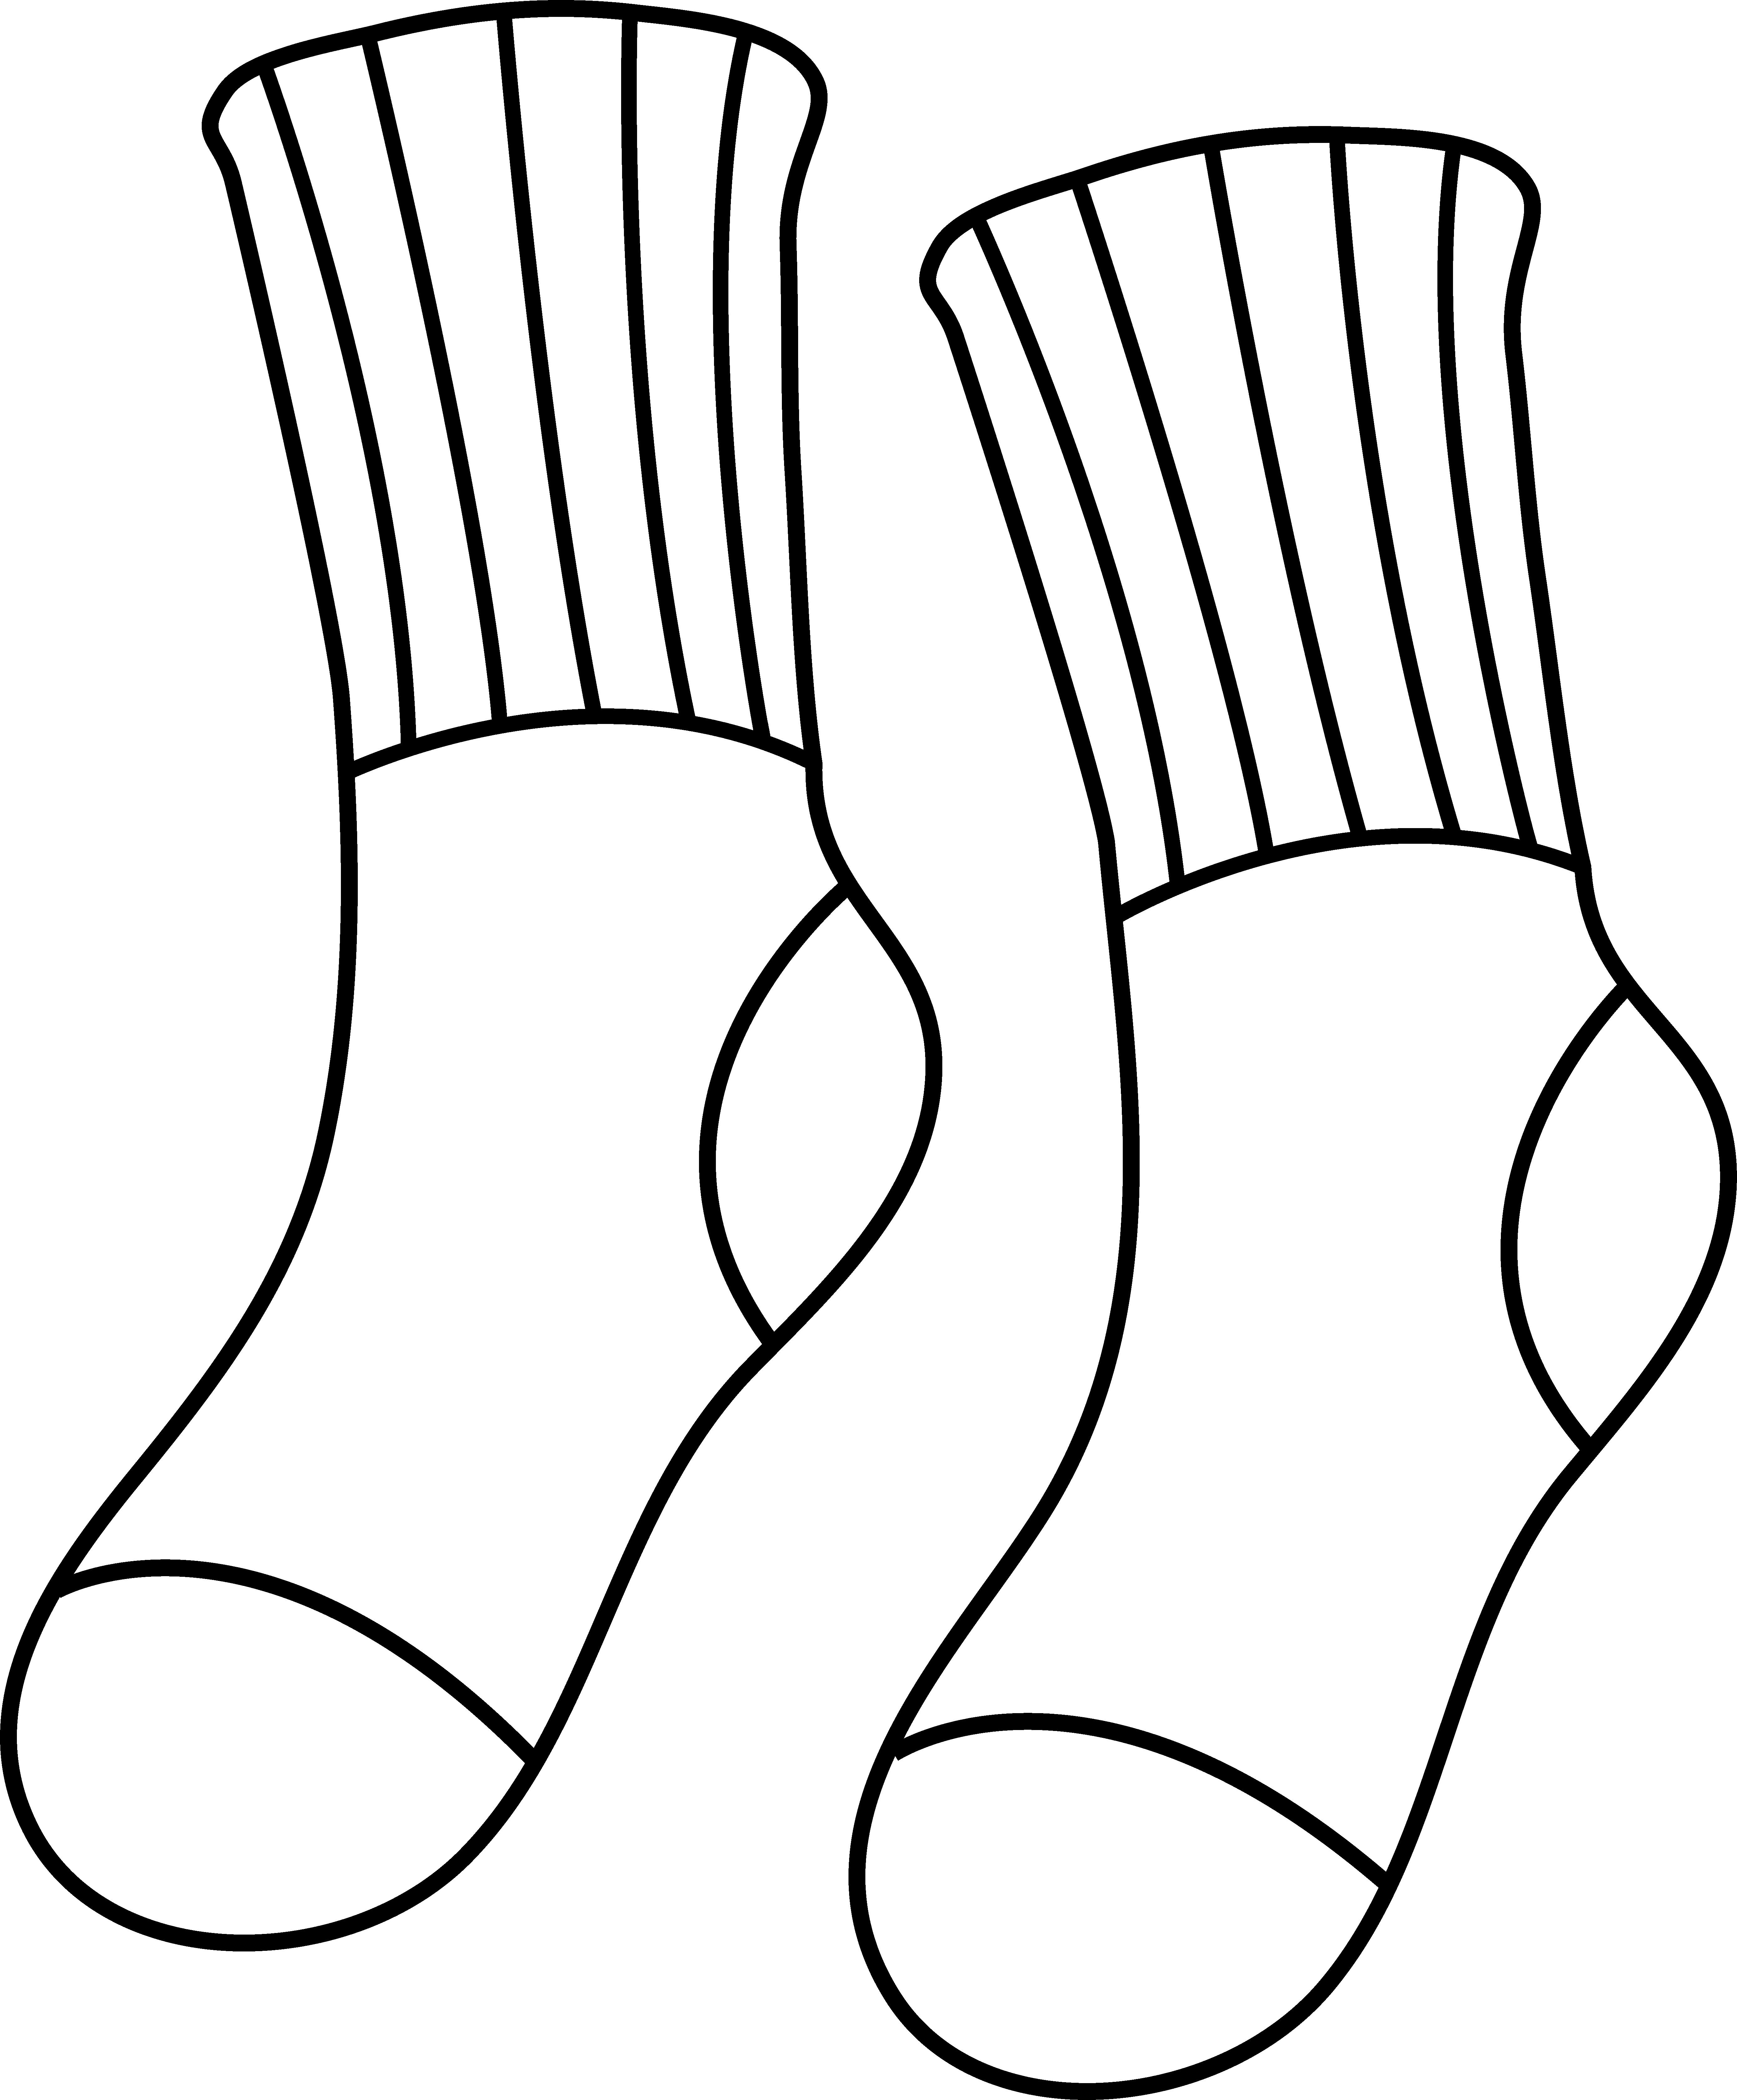 Baseball sock outline . Learning clipart principled